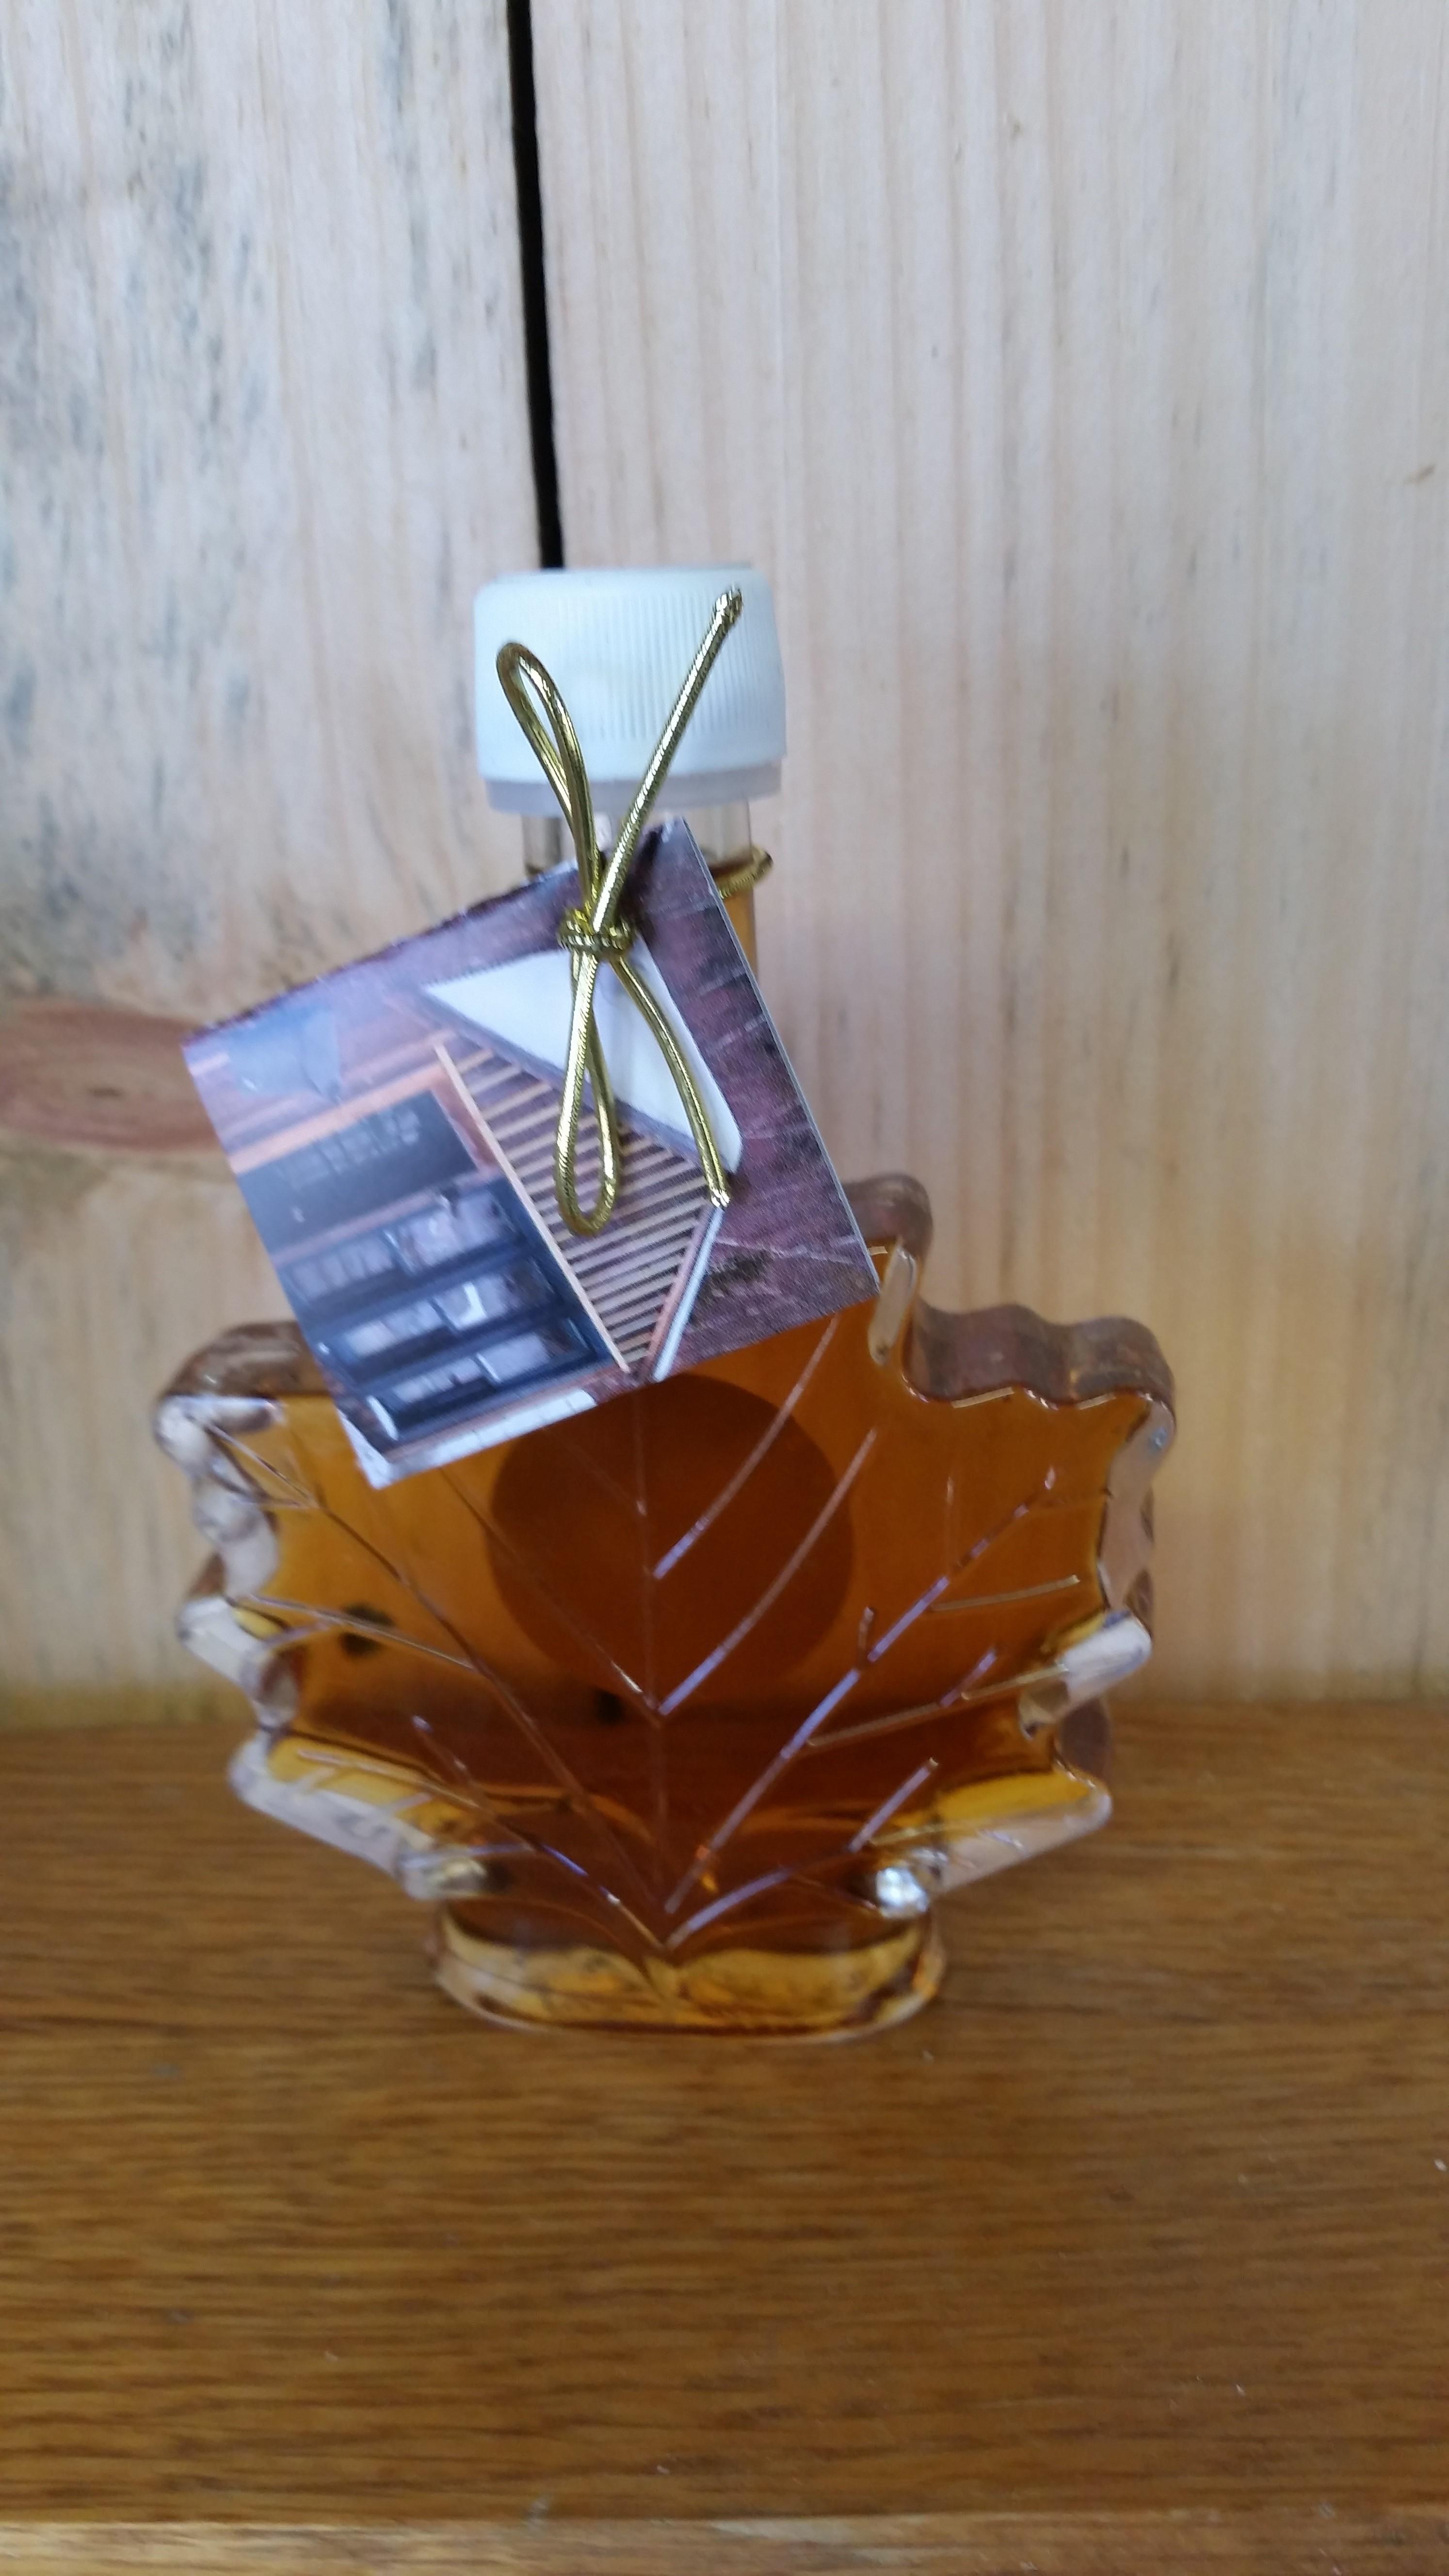 Decorative Maple Leaf Container